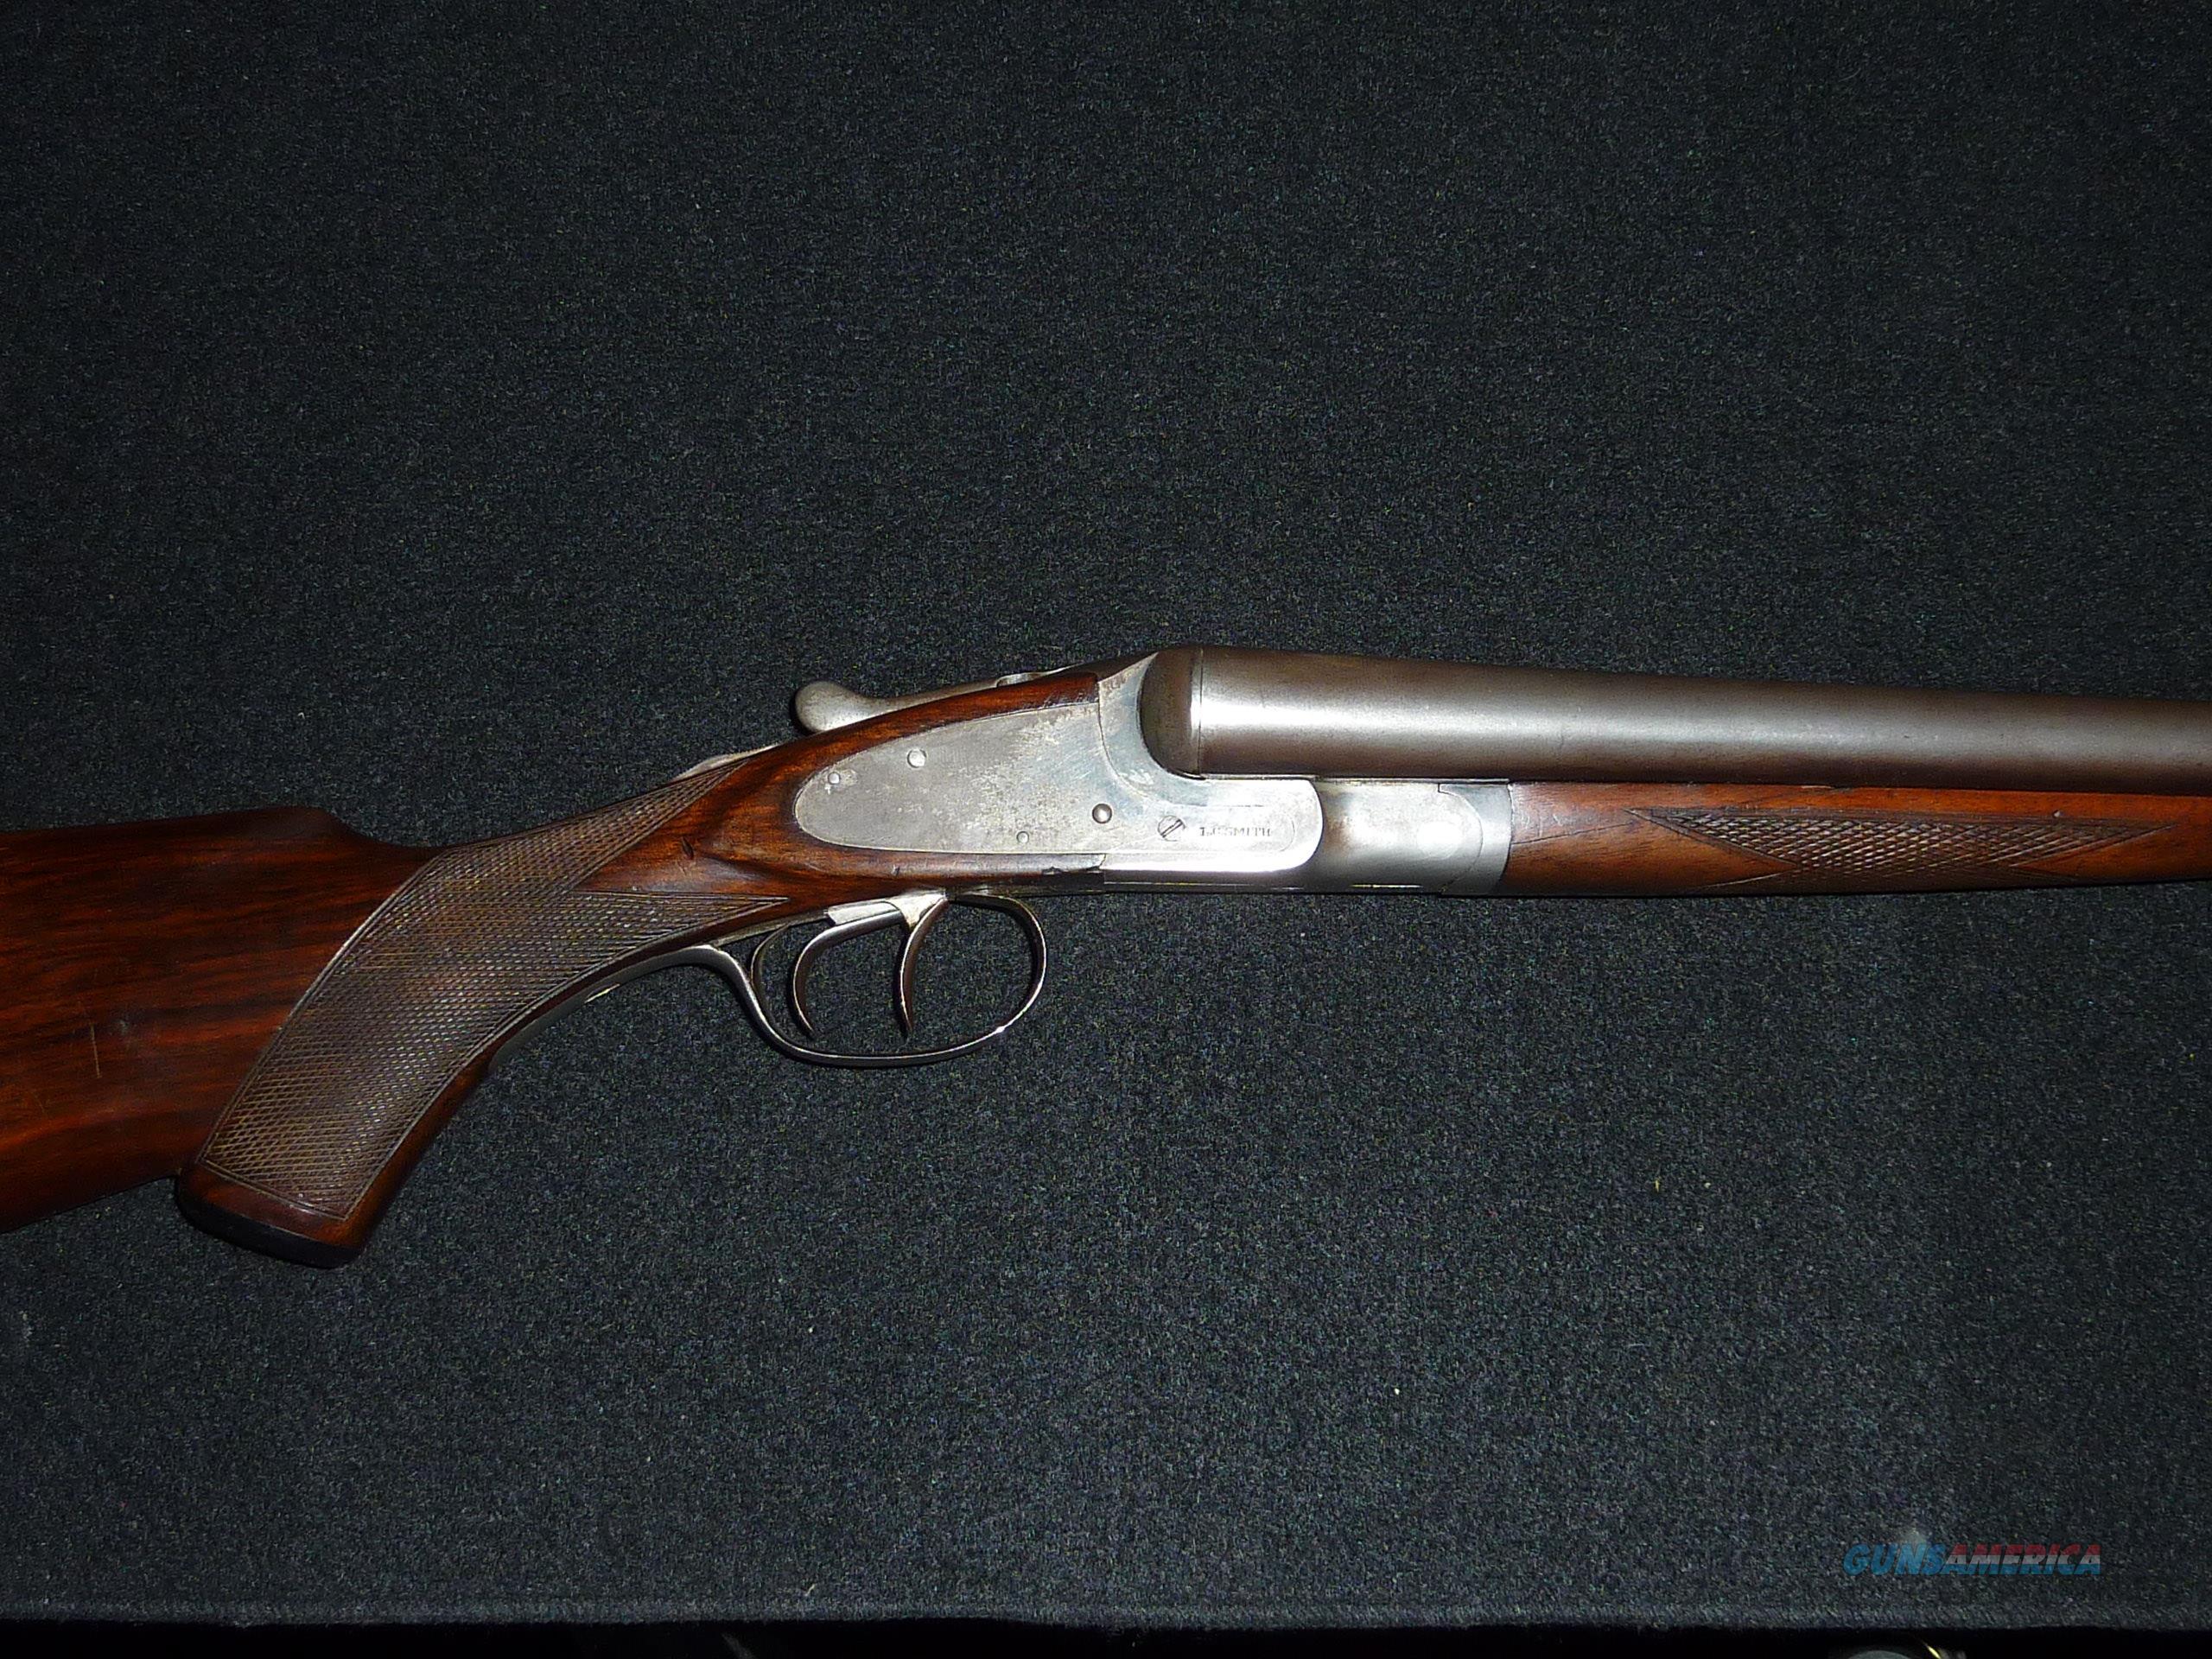 L.C. Smith field grade, 12 ga.  Guns > Shotguns > L.C. Smith Shotguns